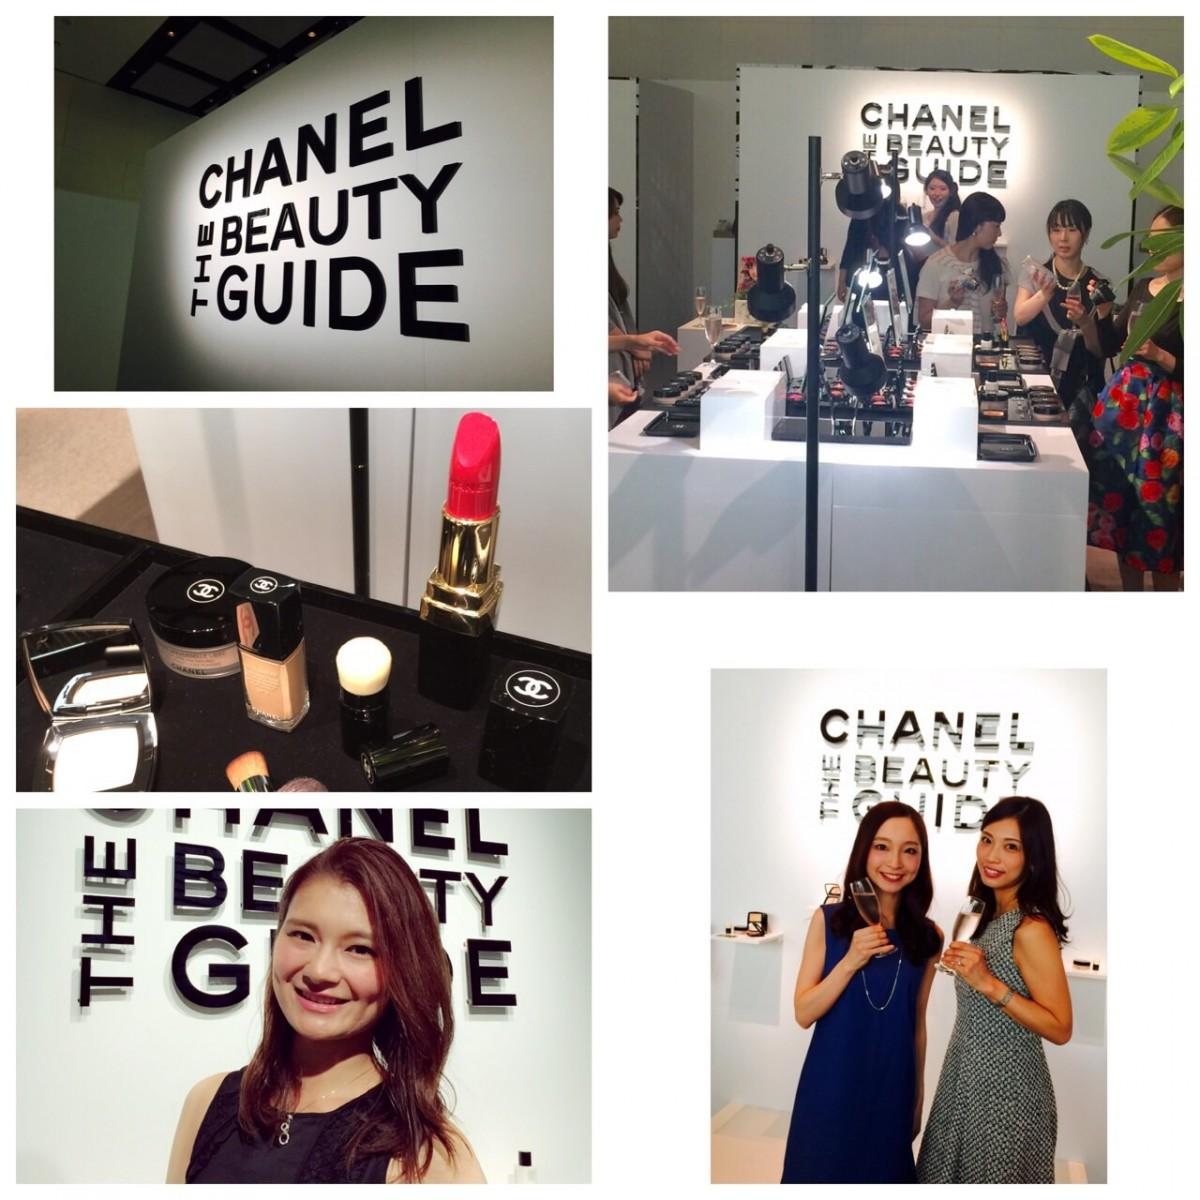 #シャネルフェイス CHANEL THE BEAUTY GUIDEイベント。ツヤと光のベースメイクで変わる!参加者全員、一層のシャネルファンに!